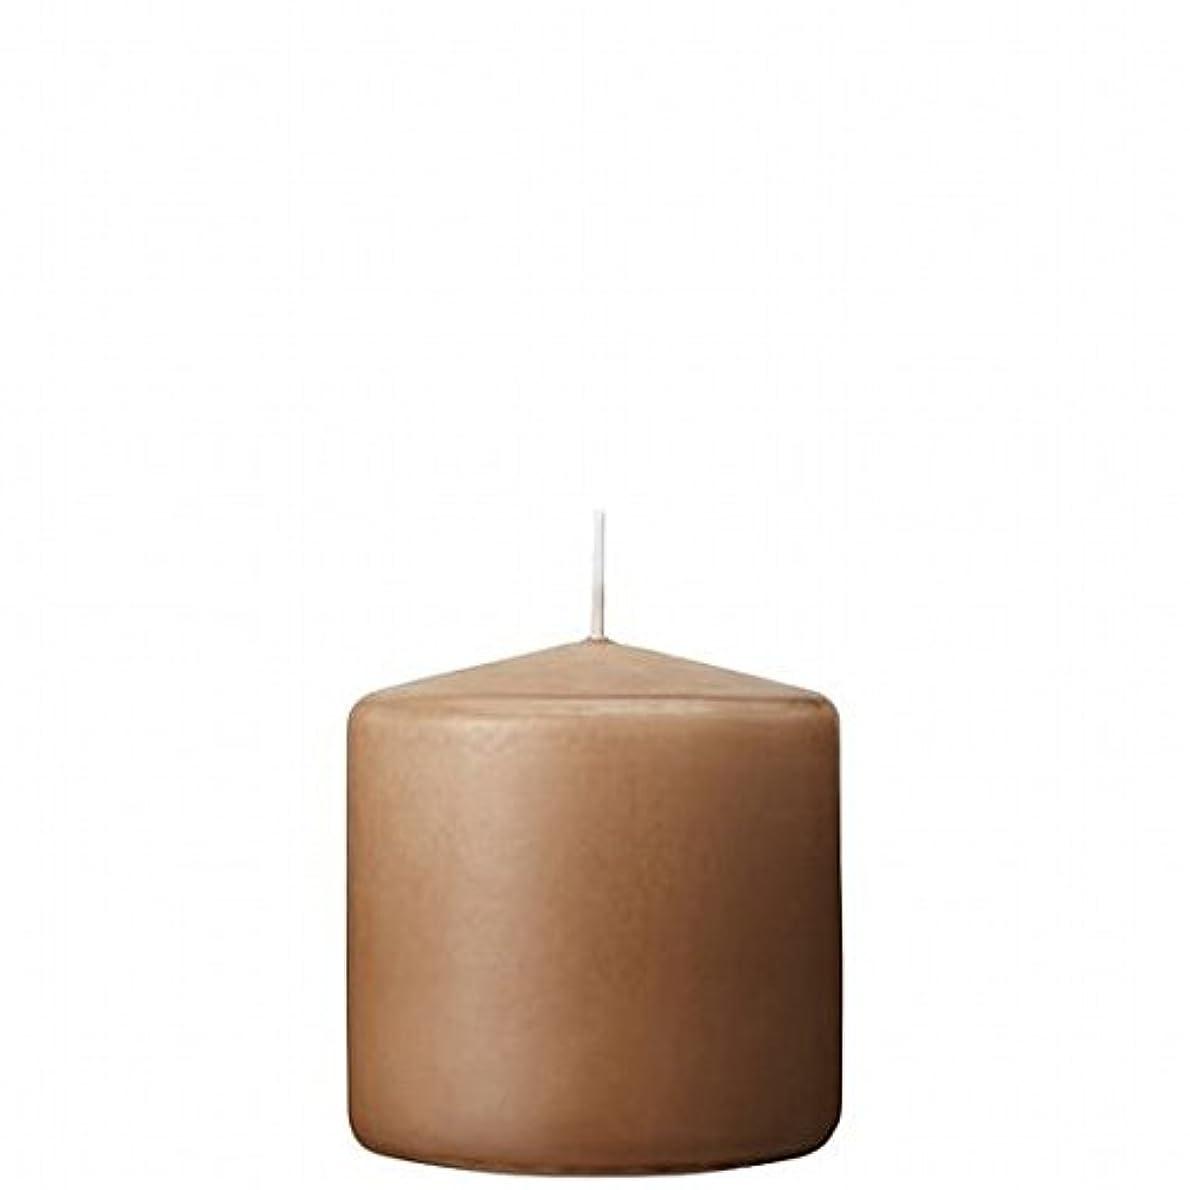 環境に優しい抗生物質ロッカーkameyama candle(カメヤマキャンドル) 3×3ベルトップピラーキャンドル 「 モカ 」(A9730000MO)